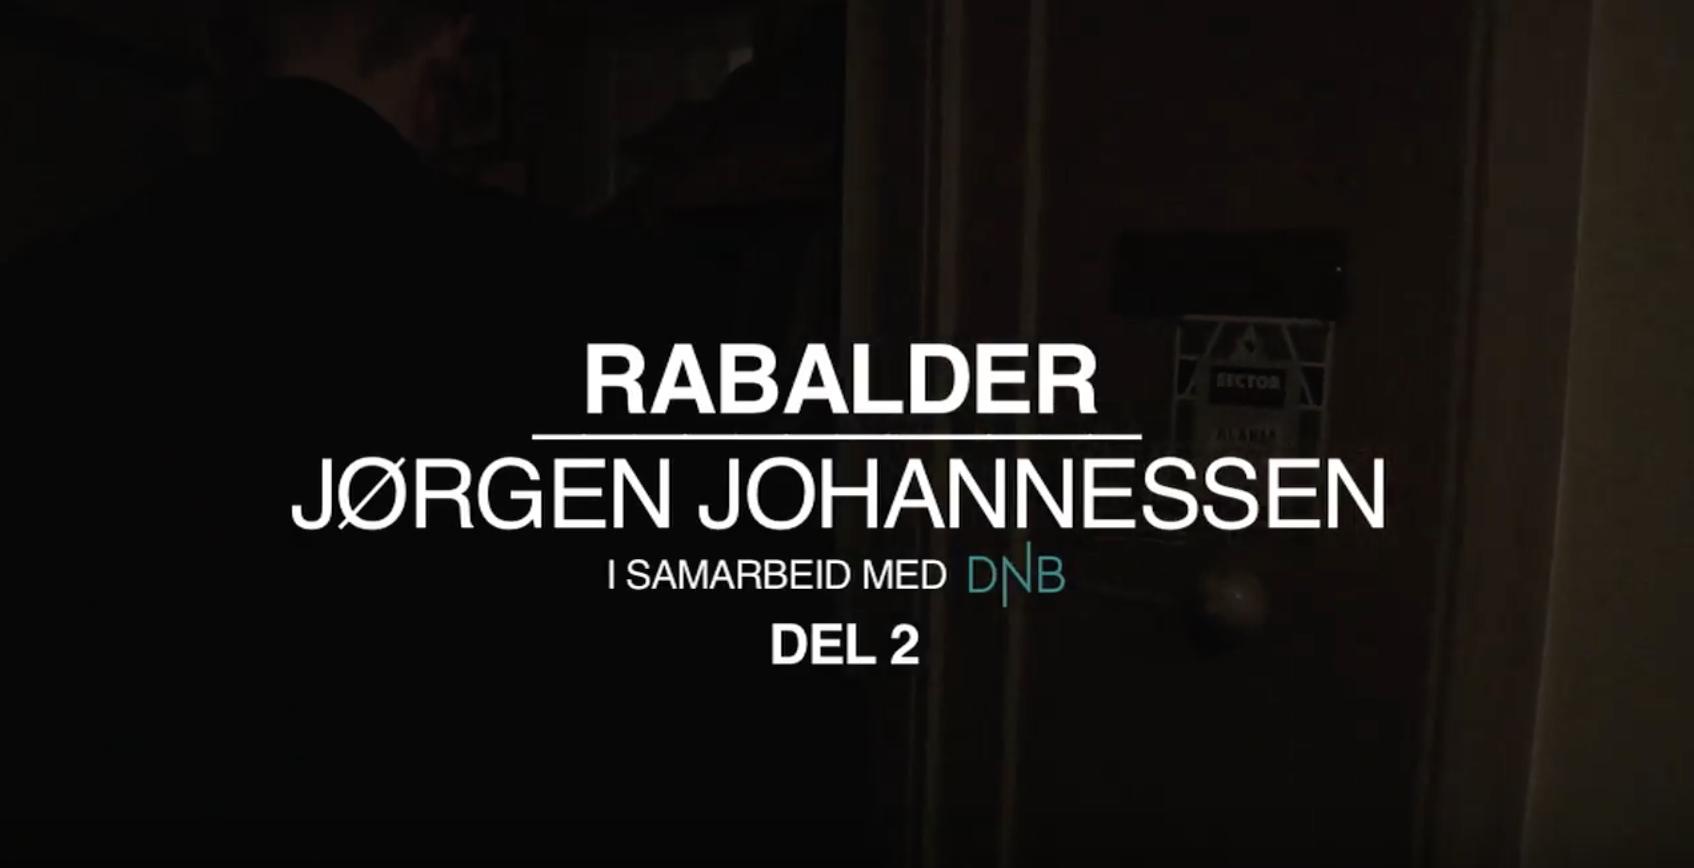 Rabalder episode 2: Del 2 med Jørgen Johannessen